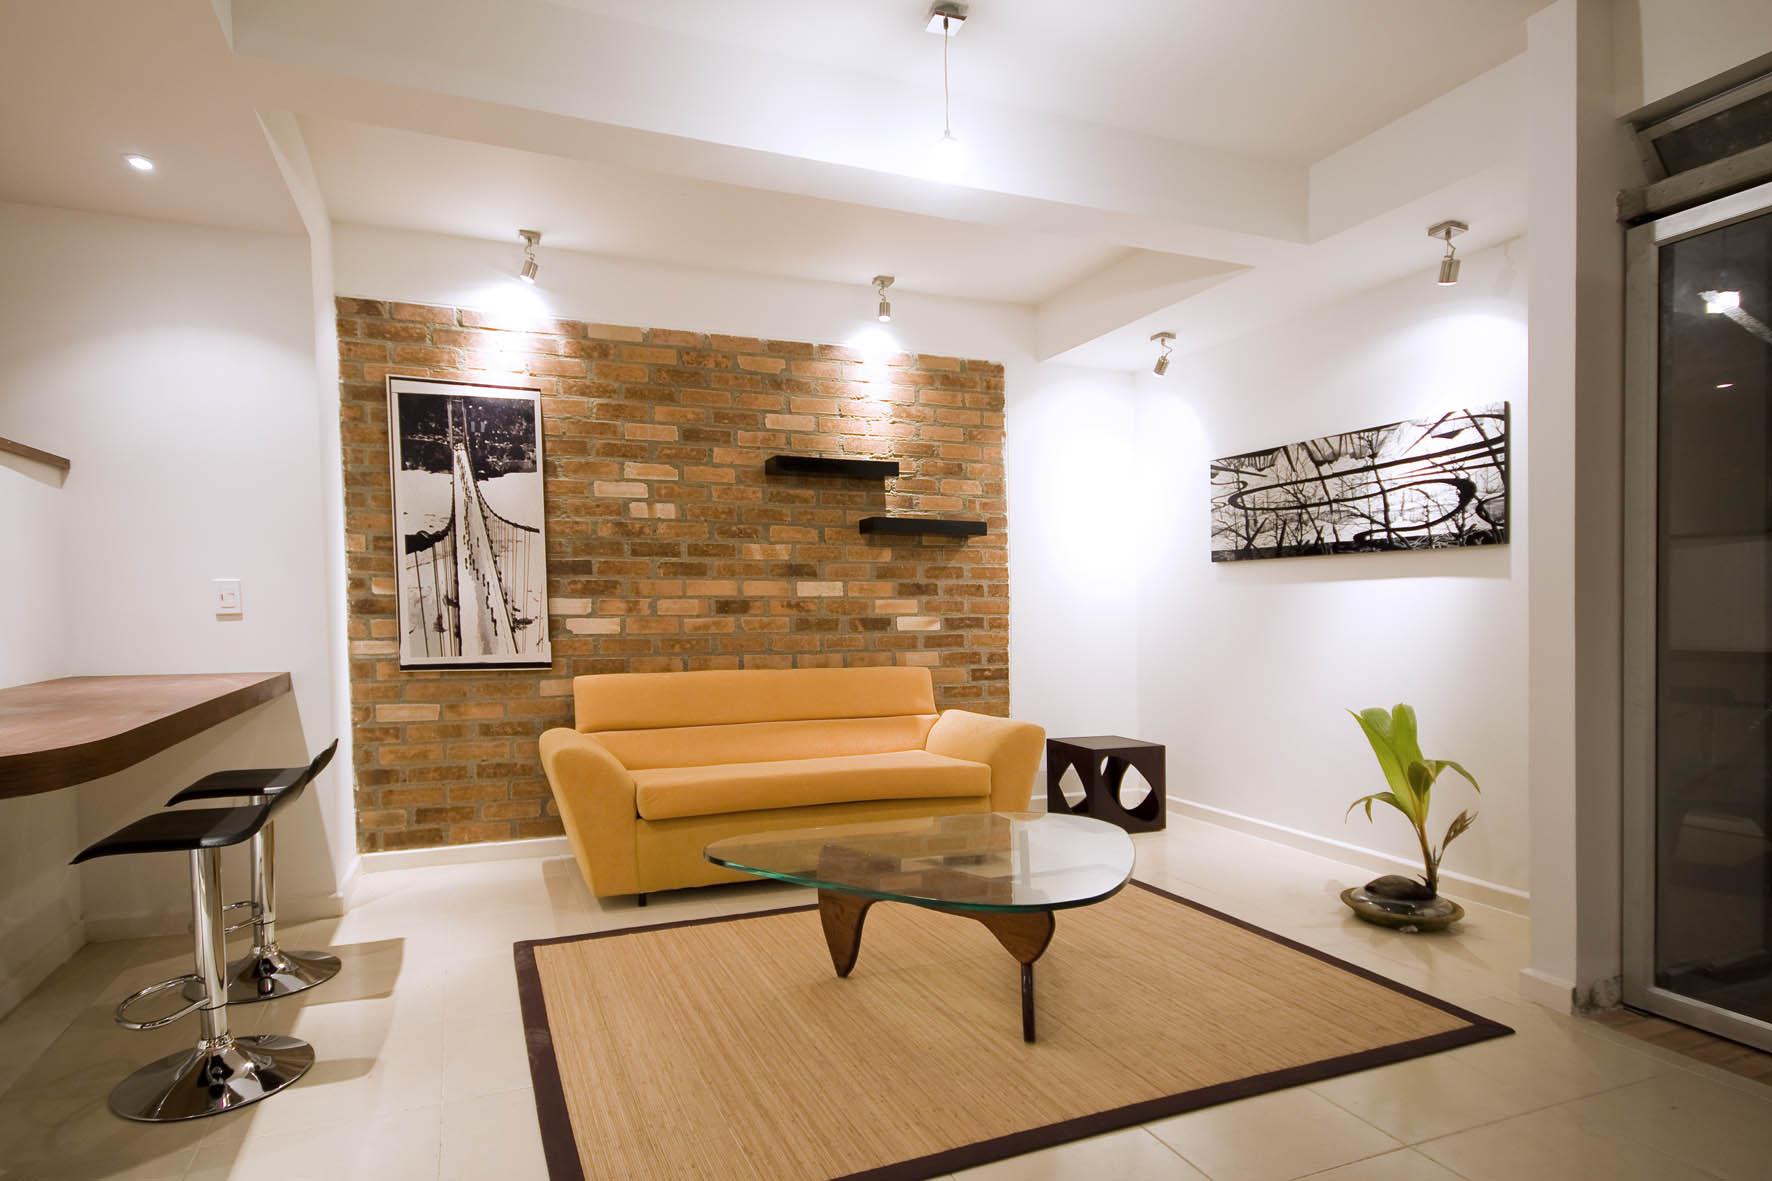 apartamentos amoblados cali  ApartamentosAmobladosCali